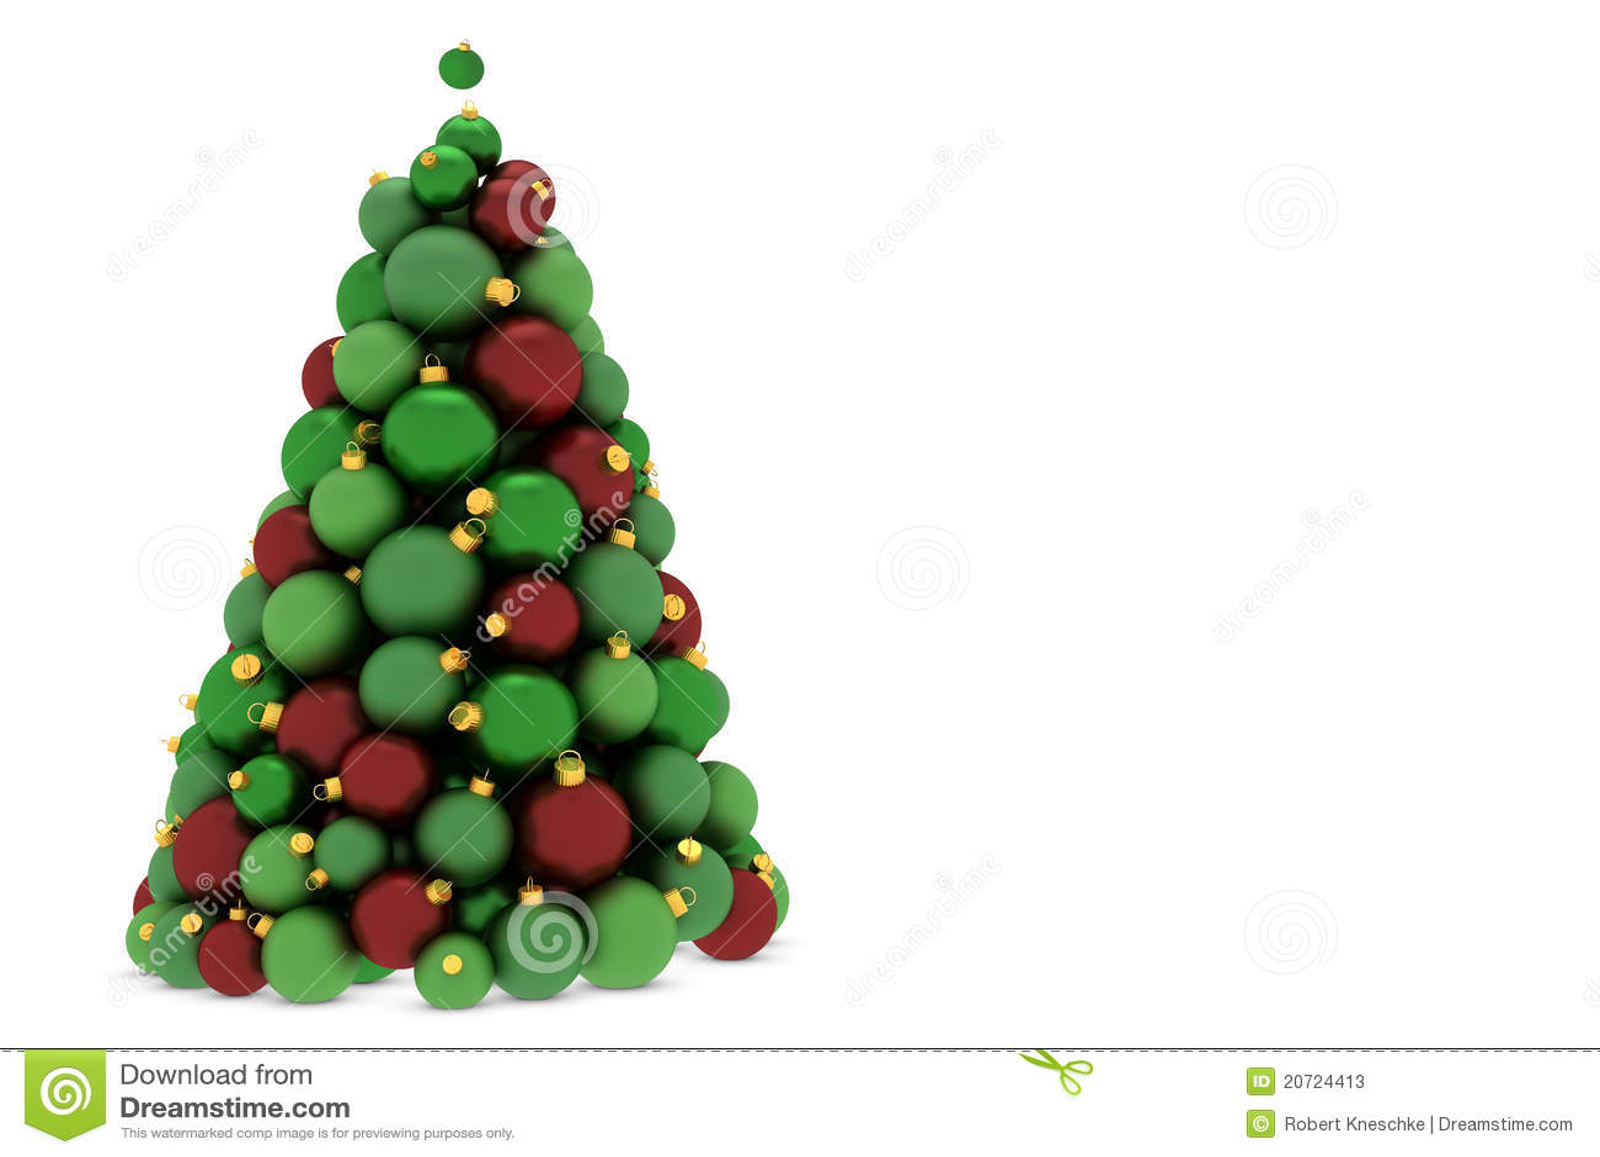 Rbol de navidad hecho de bolas del rbol de navidad stock - Arbol de navidad de bolas ...